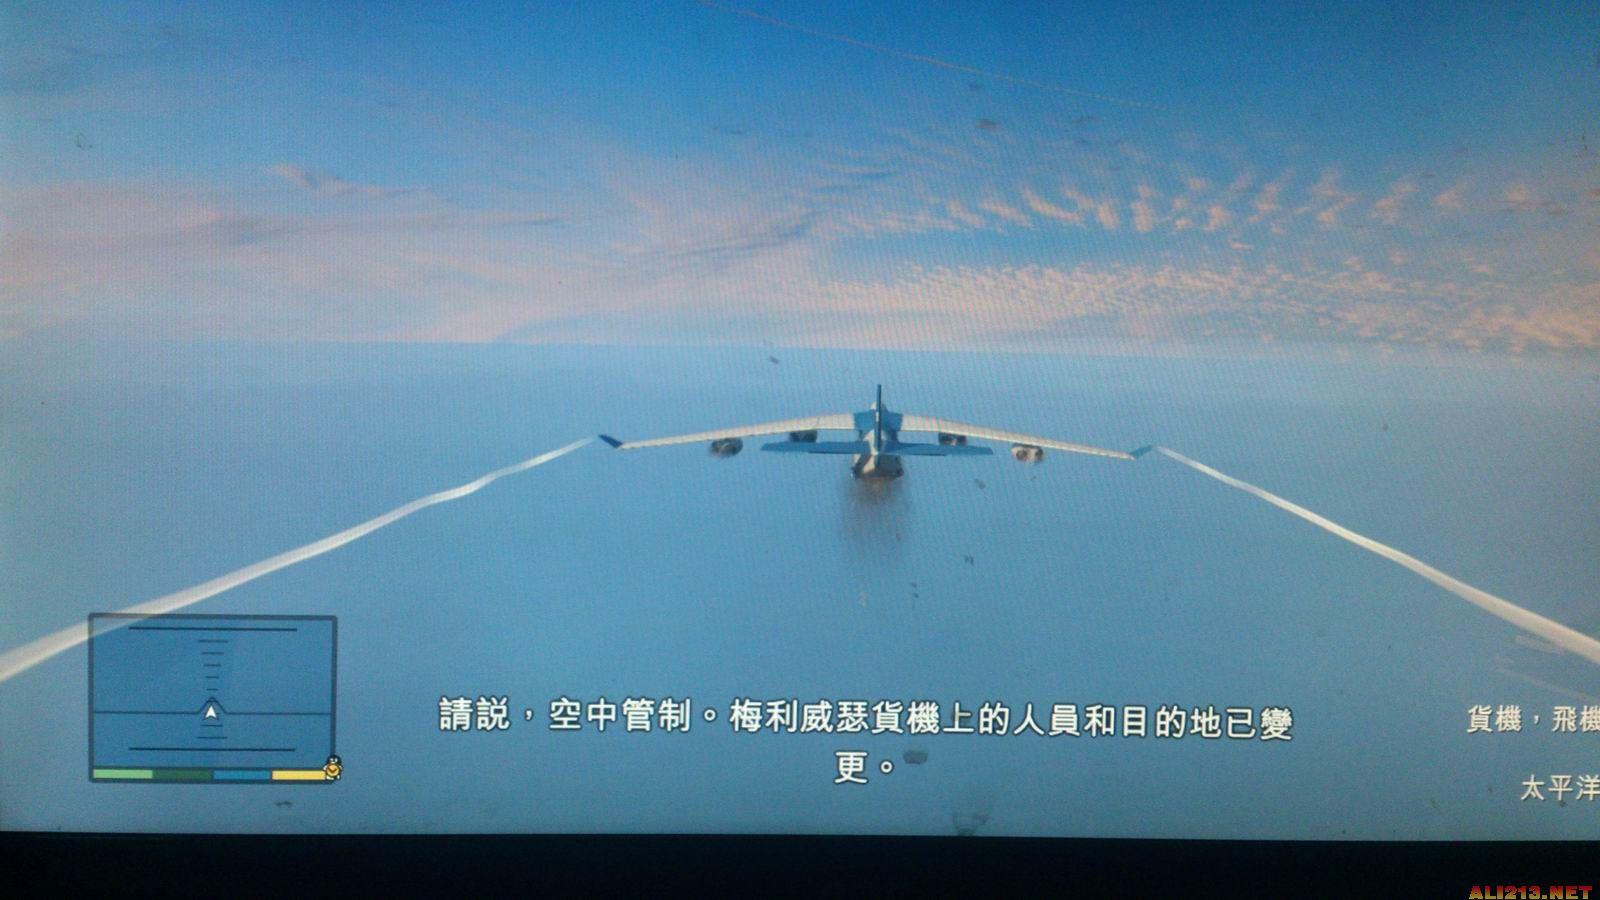 要点攻略: 1.驾车去飞机场开飞机追踪目标.